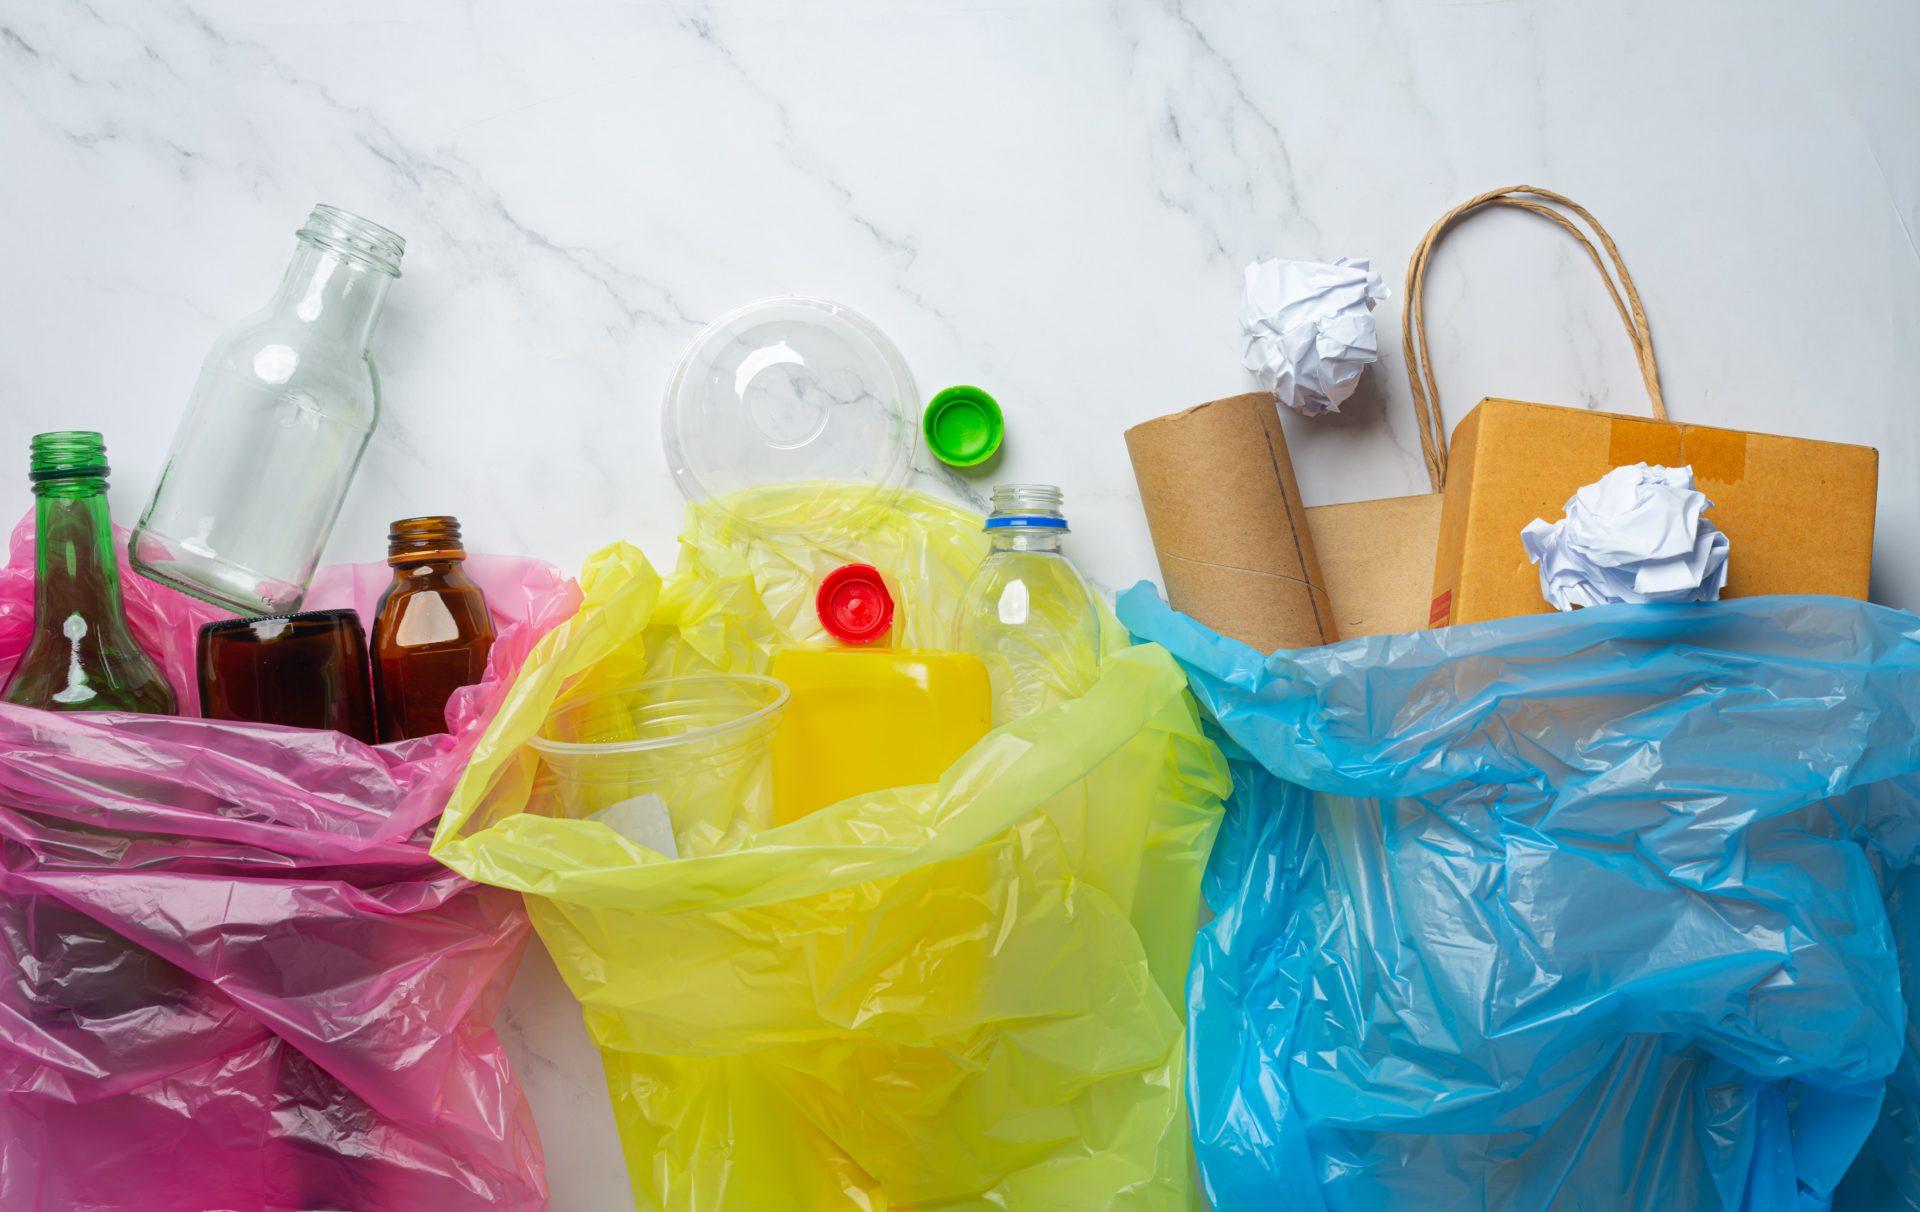 Wzrost stawki za odbiór odpadów – przyczyny